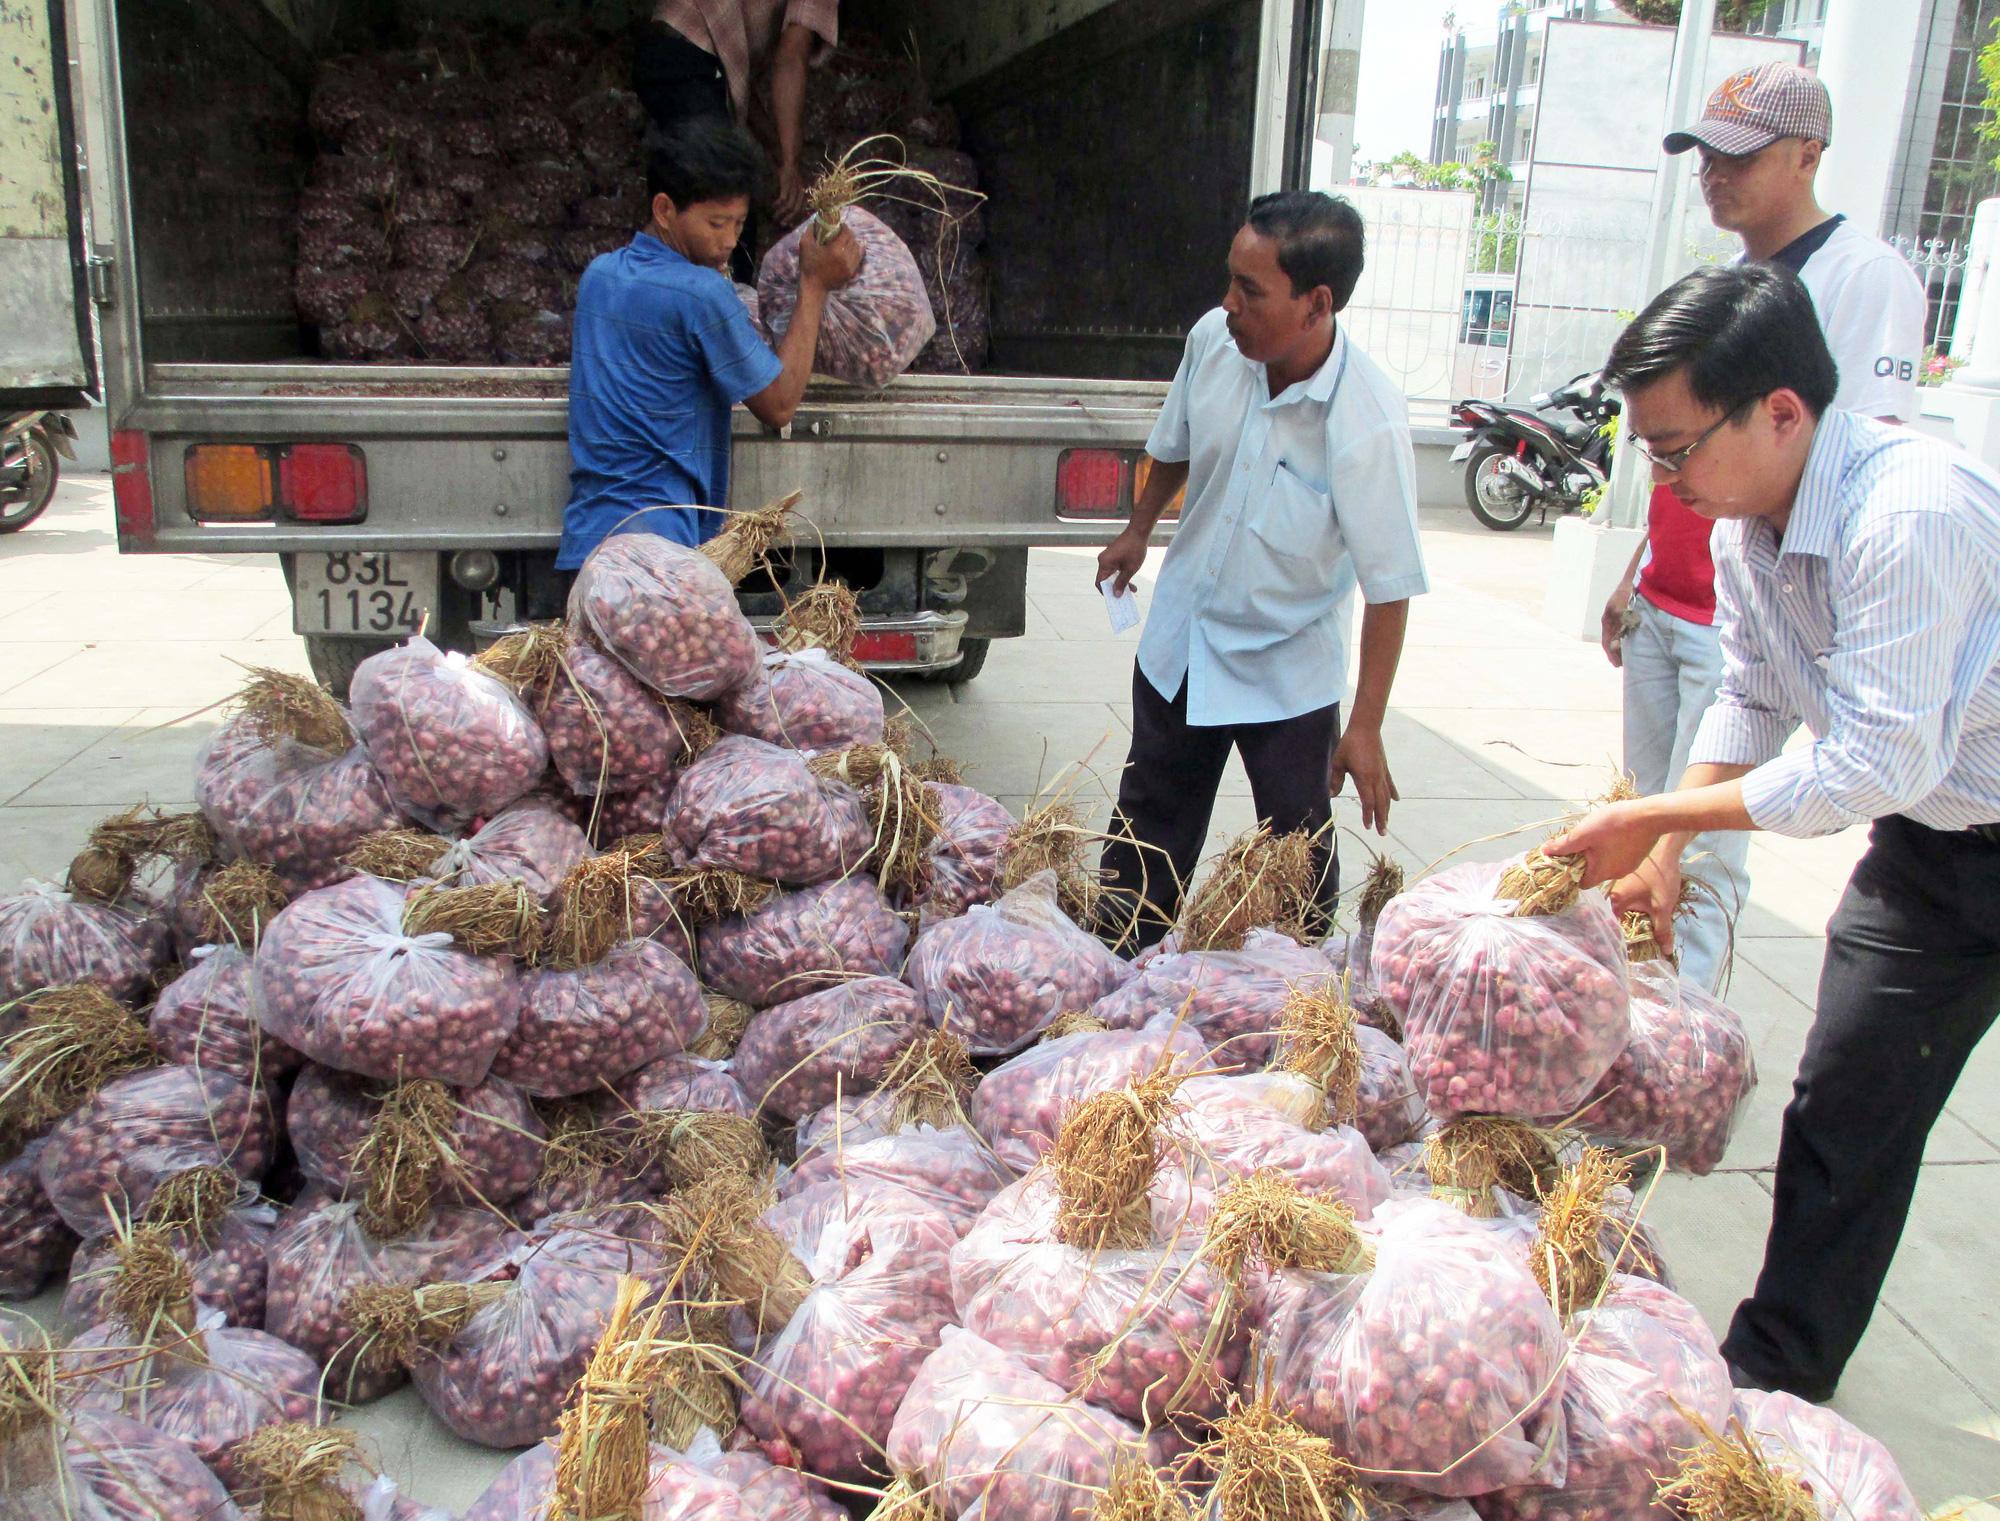 Hành tím Trung Quốc 3.000 đồng/kg, khiến hành tím Vĩnh Châu giá thấp kỷ lục, tồn đọng 50.000 tấn - Ảnh 5.